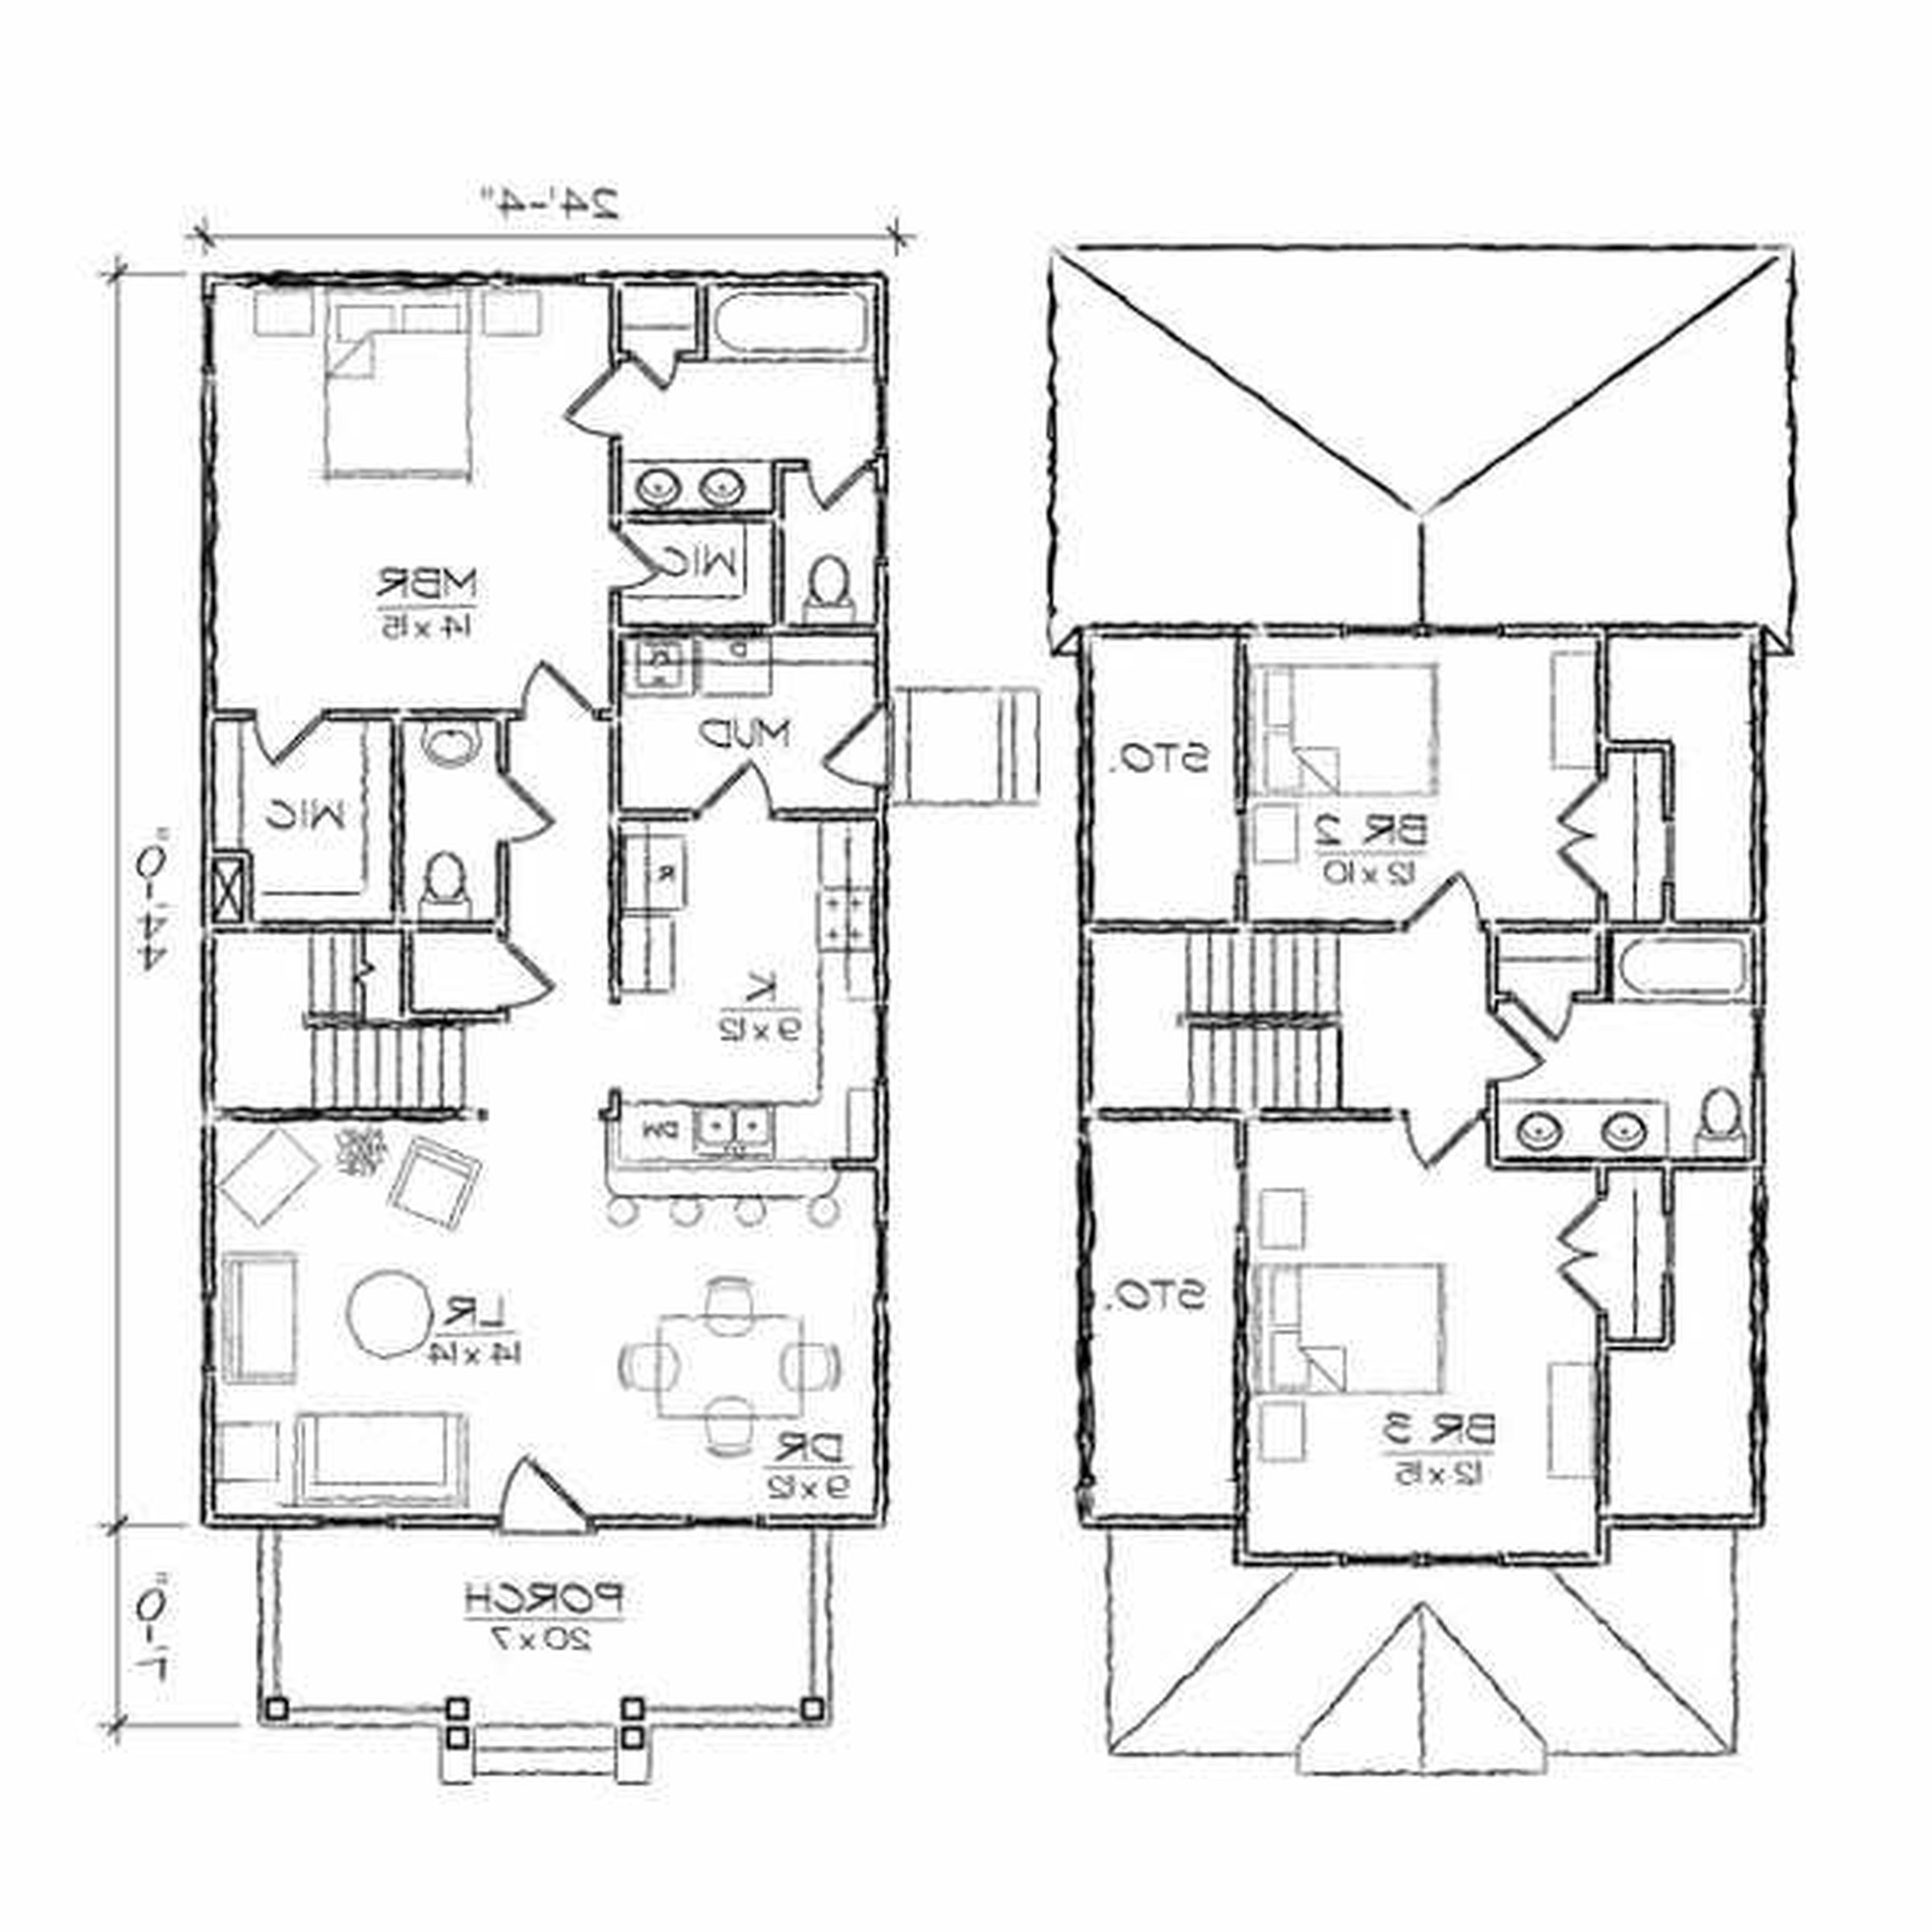 Uncategorized Concrete Block House Plan Surprising In Fantastic Inside Incredible Cinder Block Ga Bungalow Floor Plans Container House Plans Unique House Plans